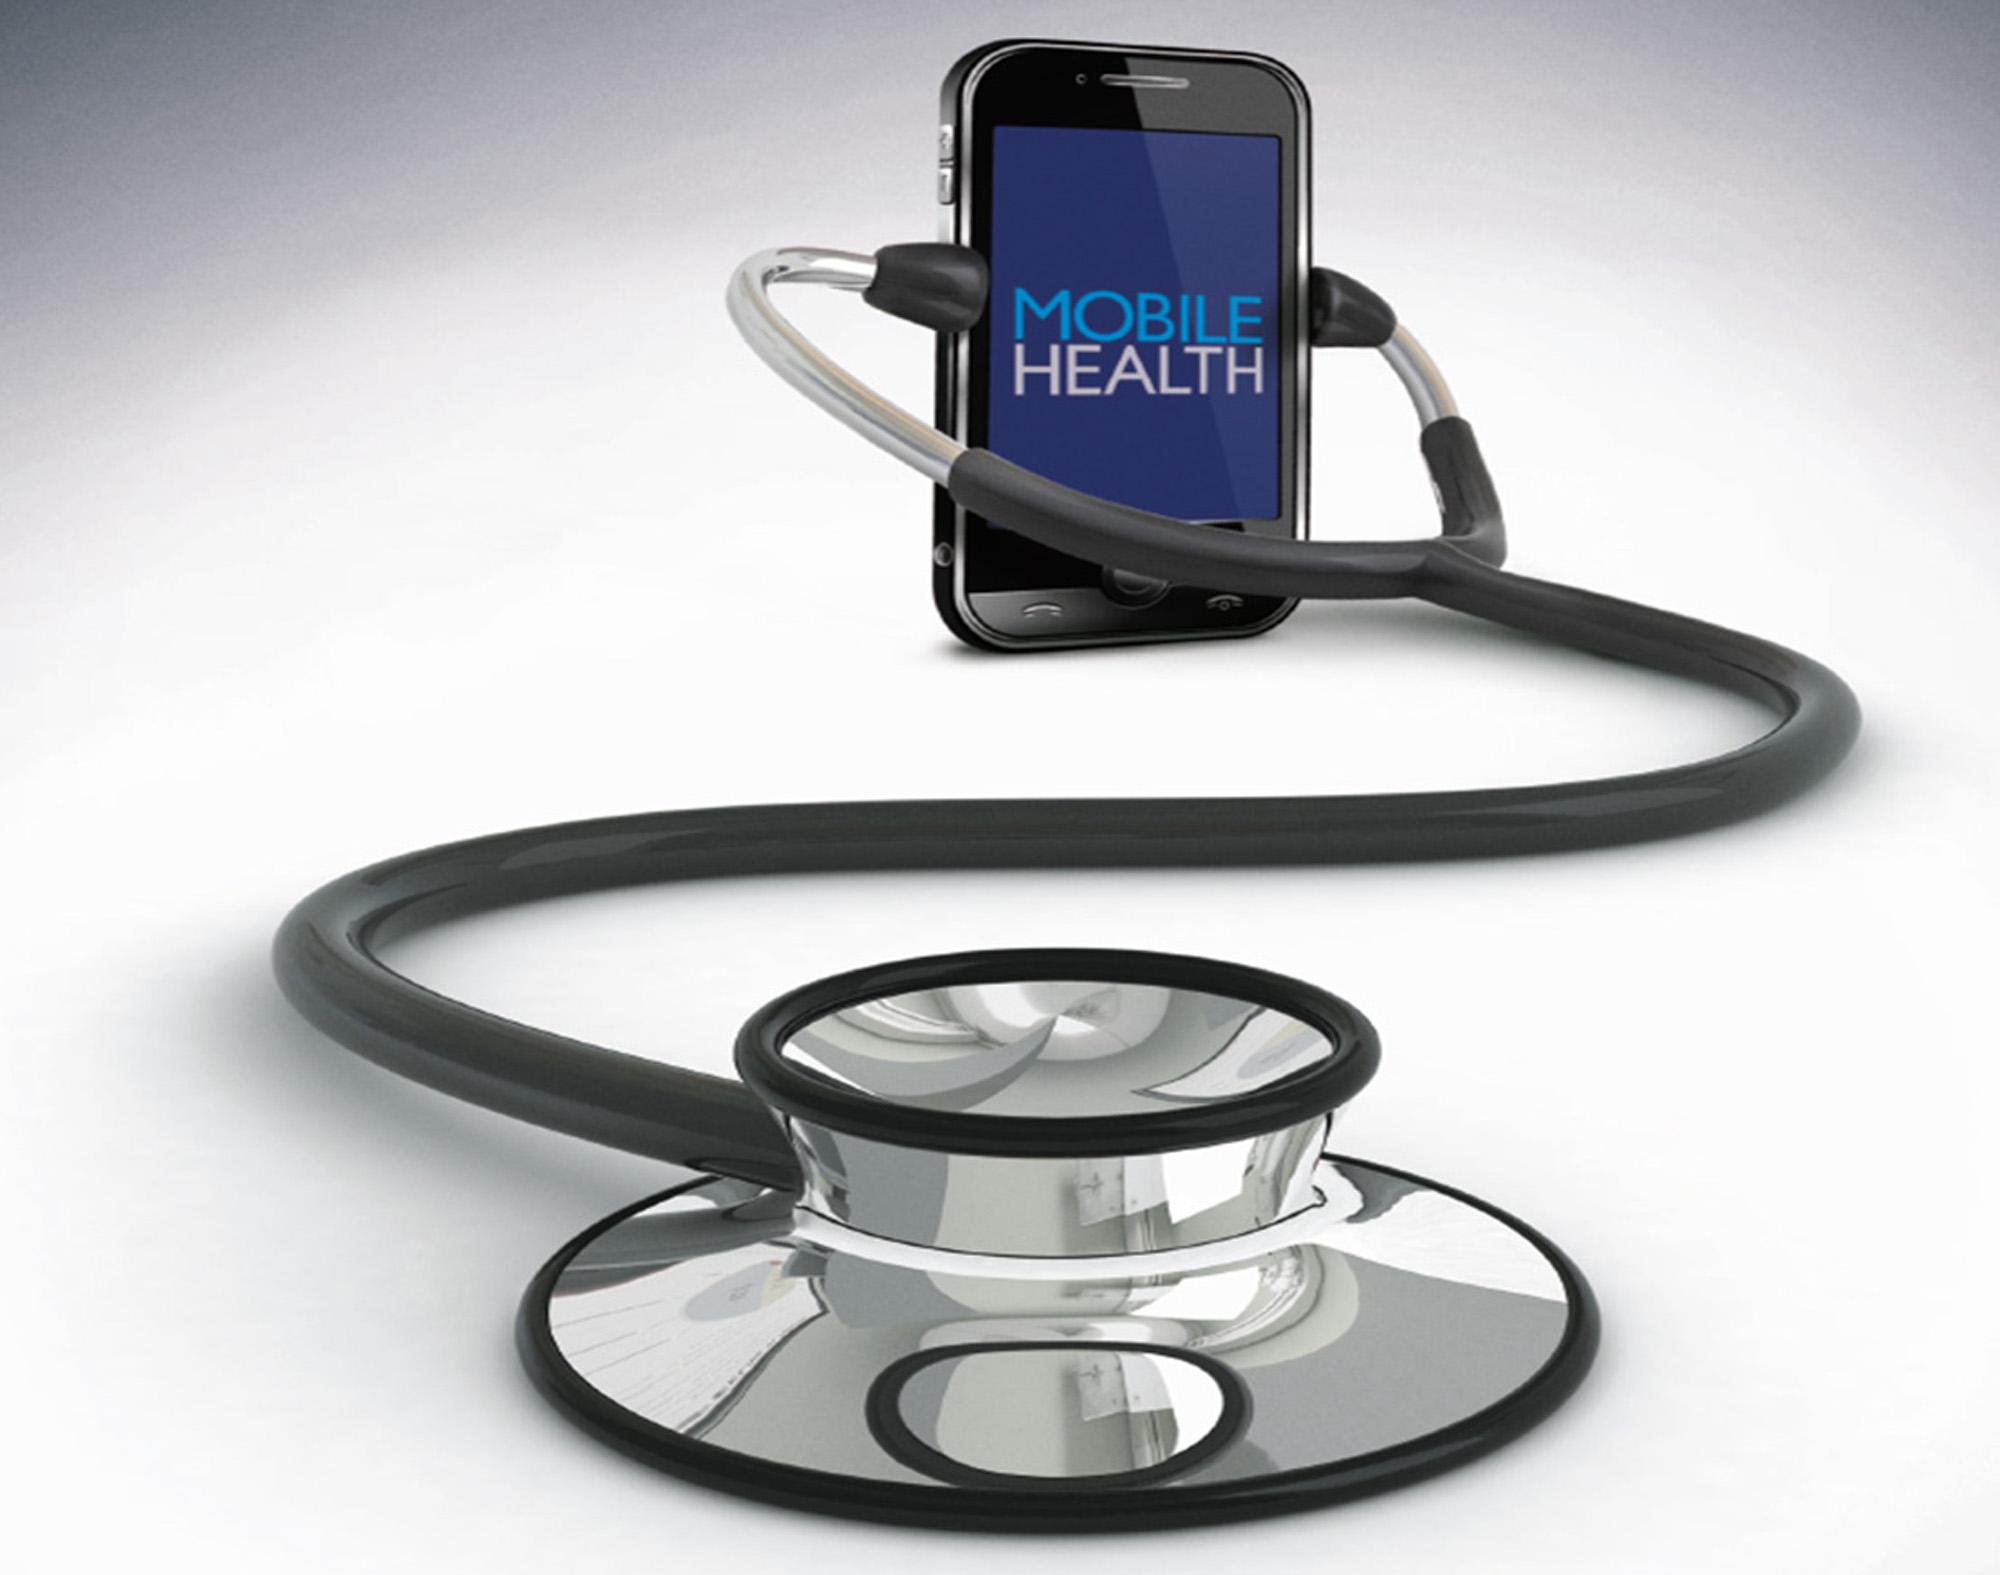 هذه المعلومات الصحية عليك الاحتفاظ بها على هاتفك الجوال